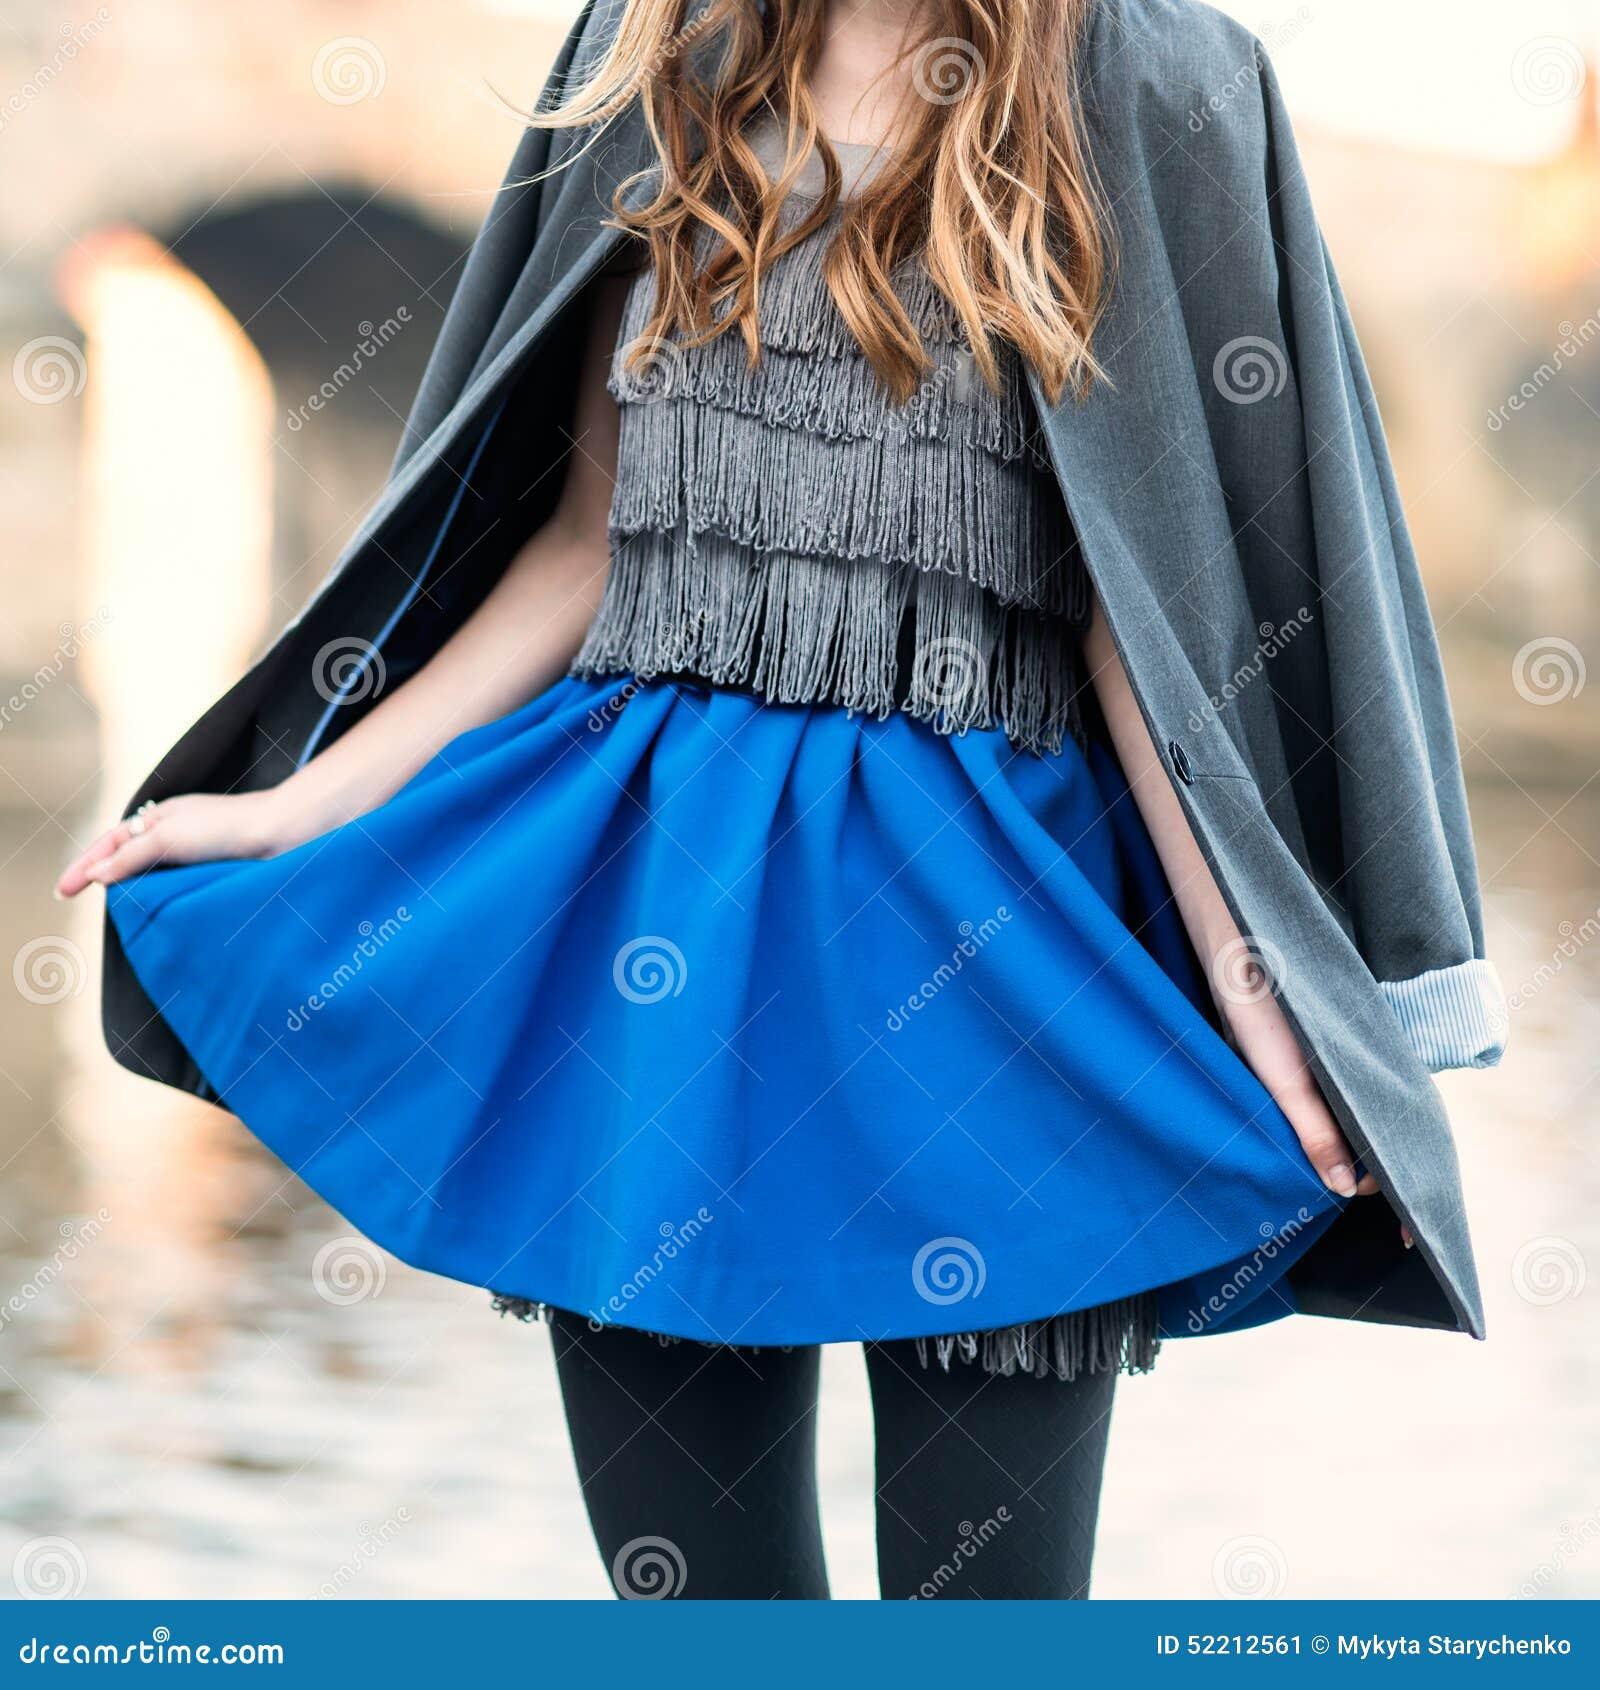 Strassenmodeblick Mit Blauem Rock Jacke Kleid Und Schwarzen